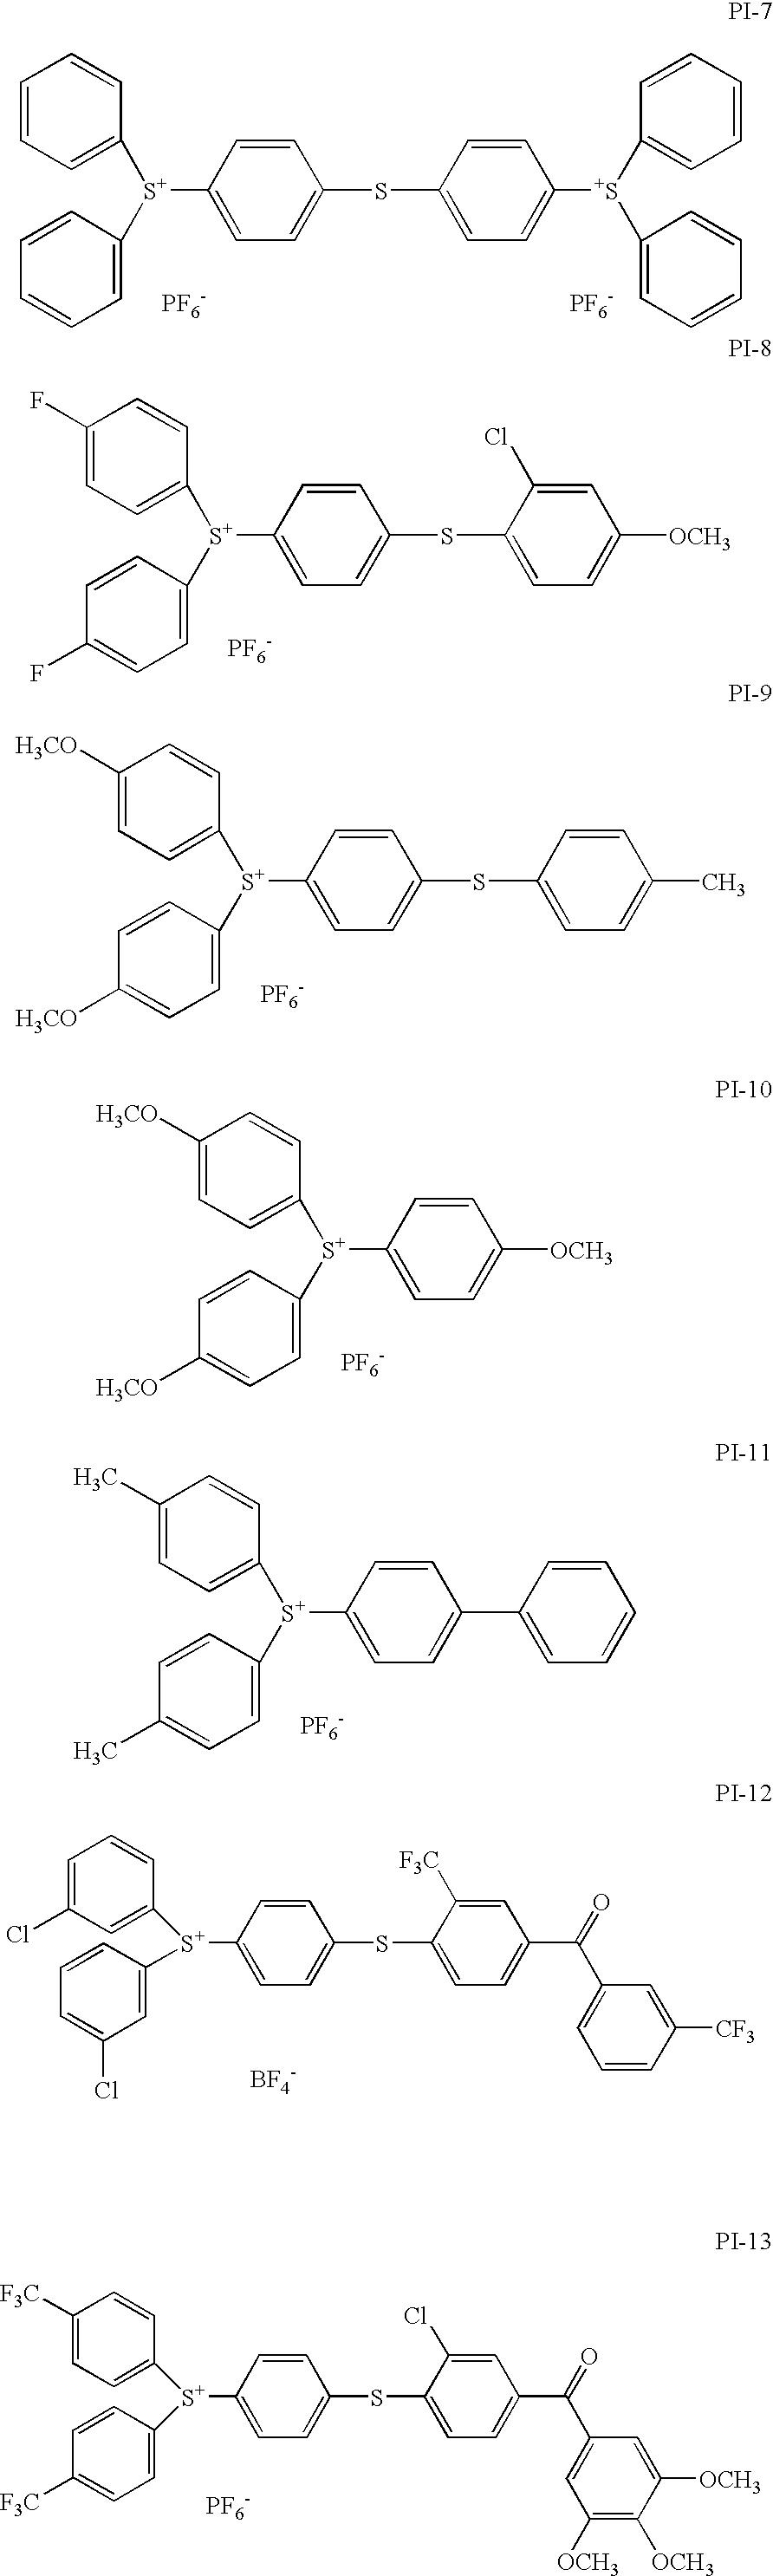 Figure US07360883-20080422-C00049